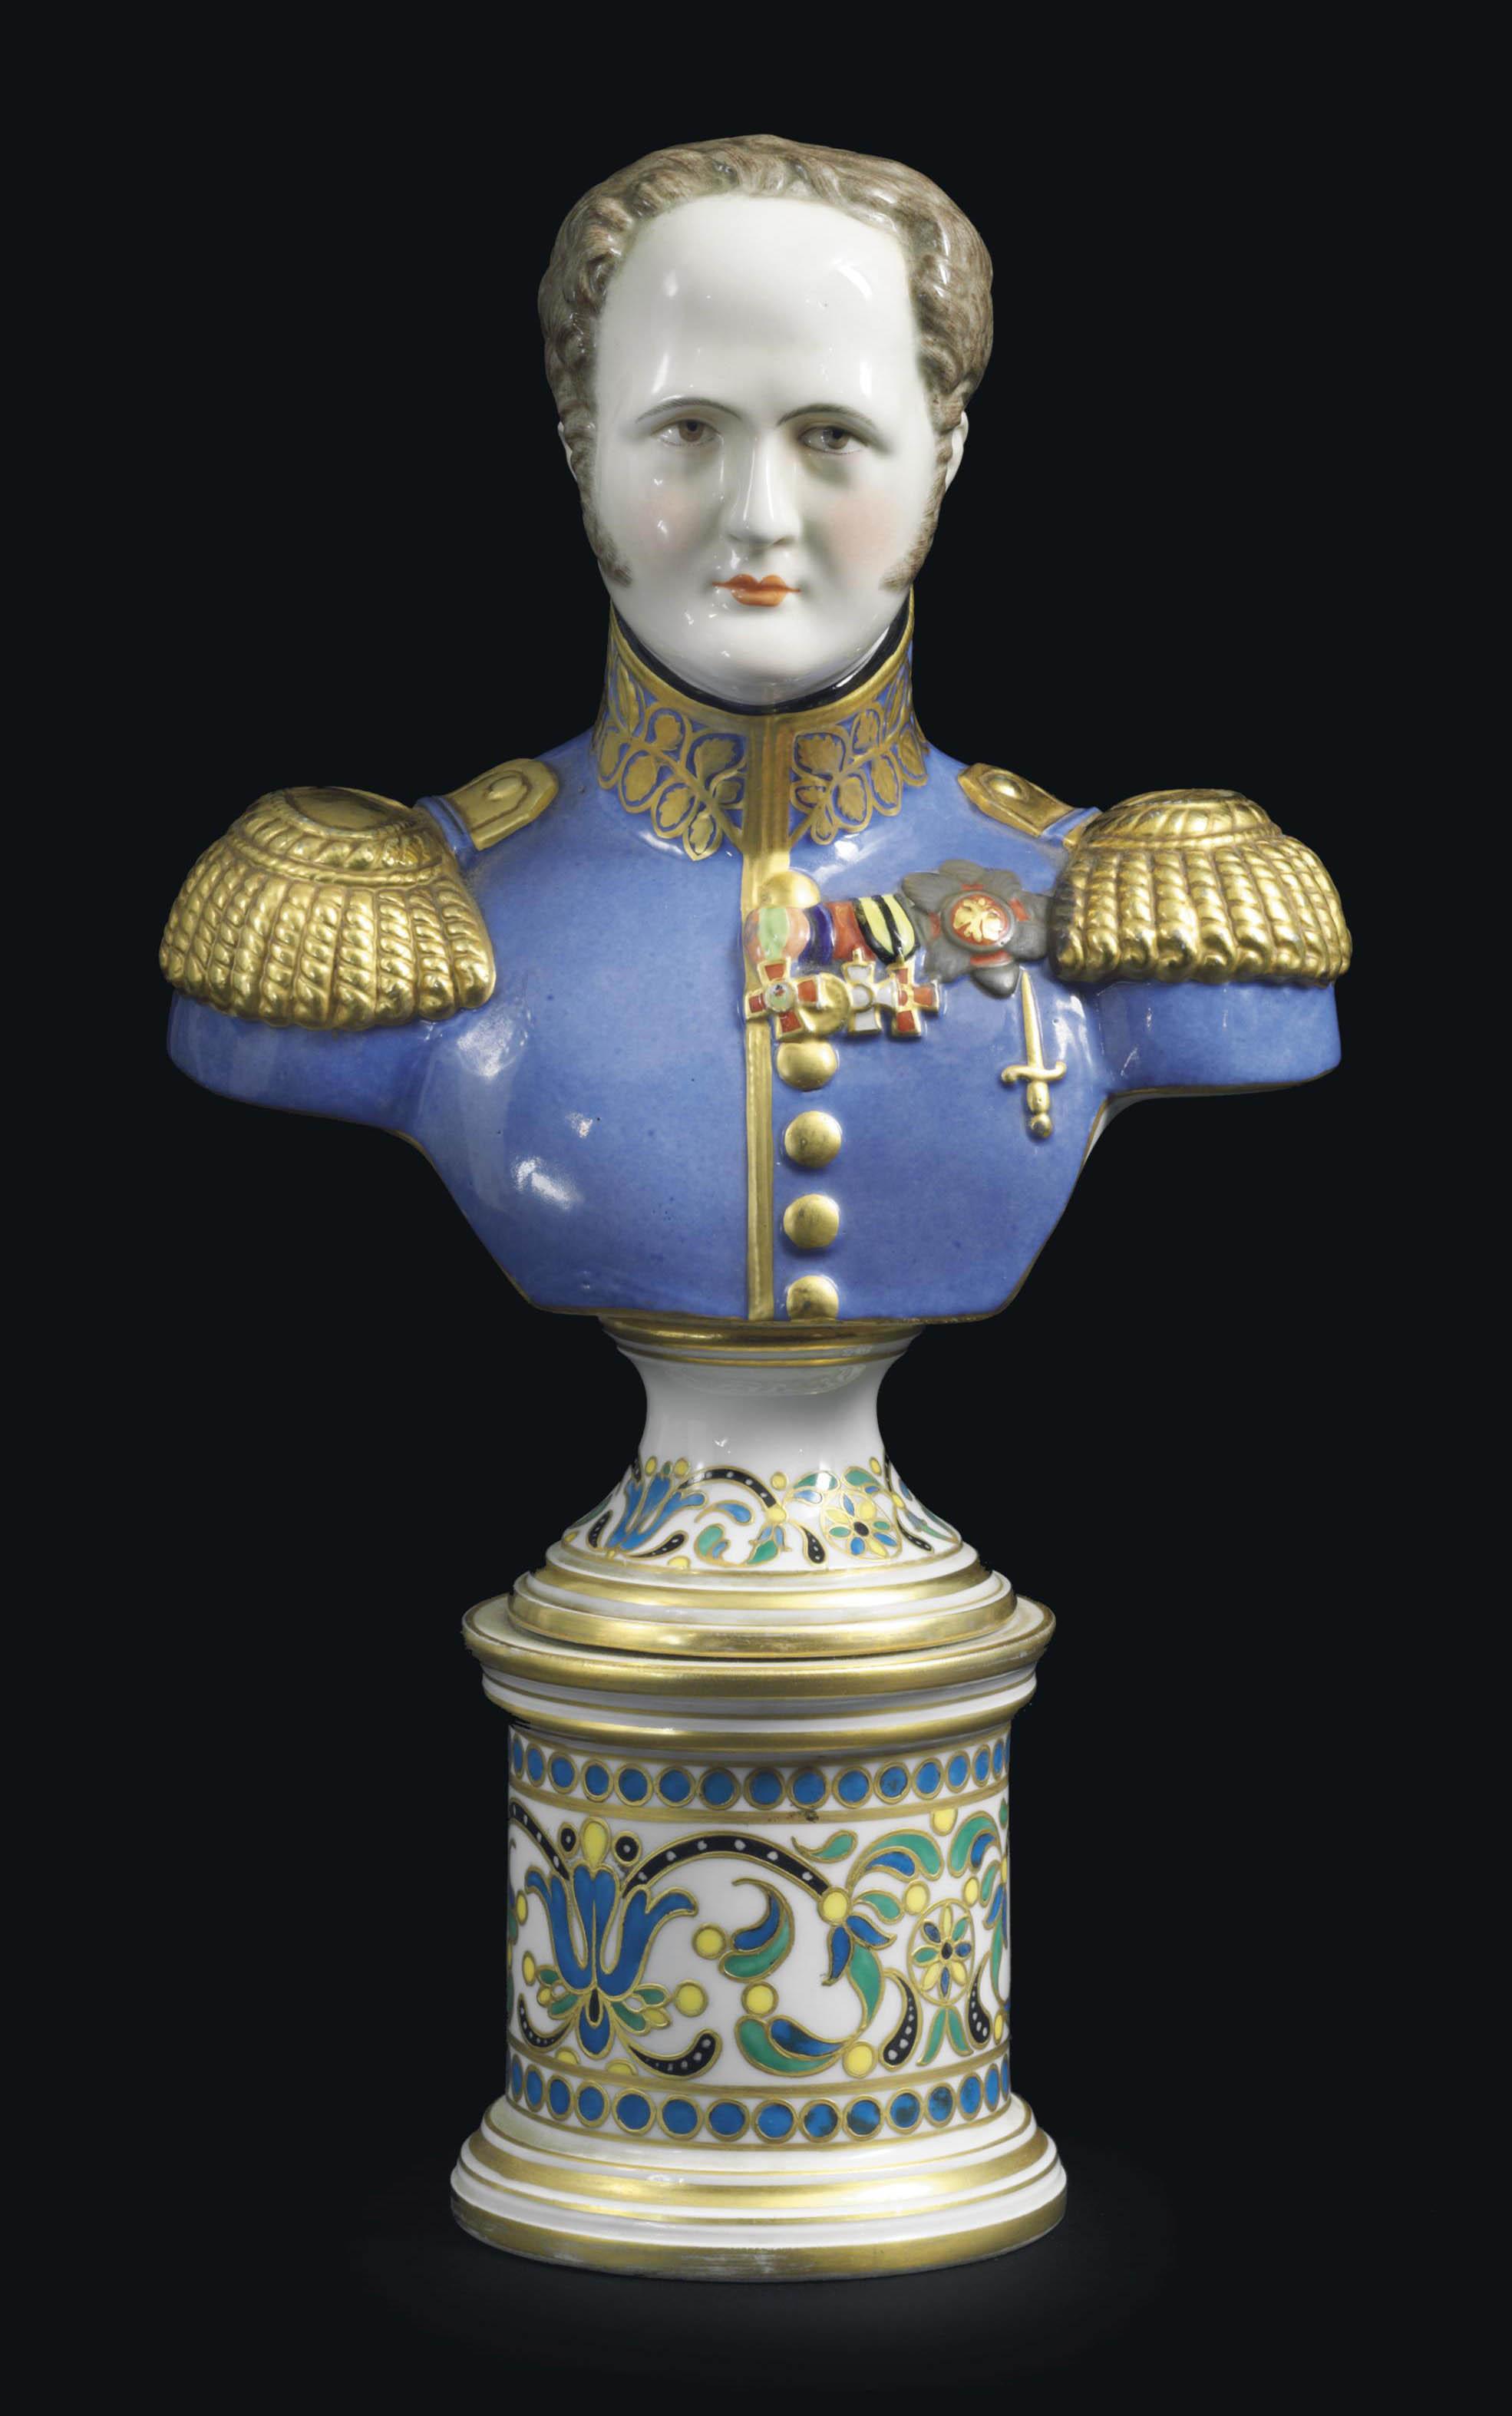 A PORCELAIN BUST OF EMPEROR ALEXANDER I